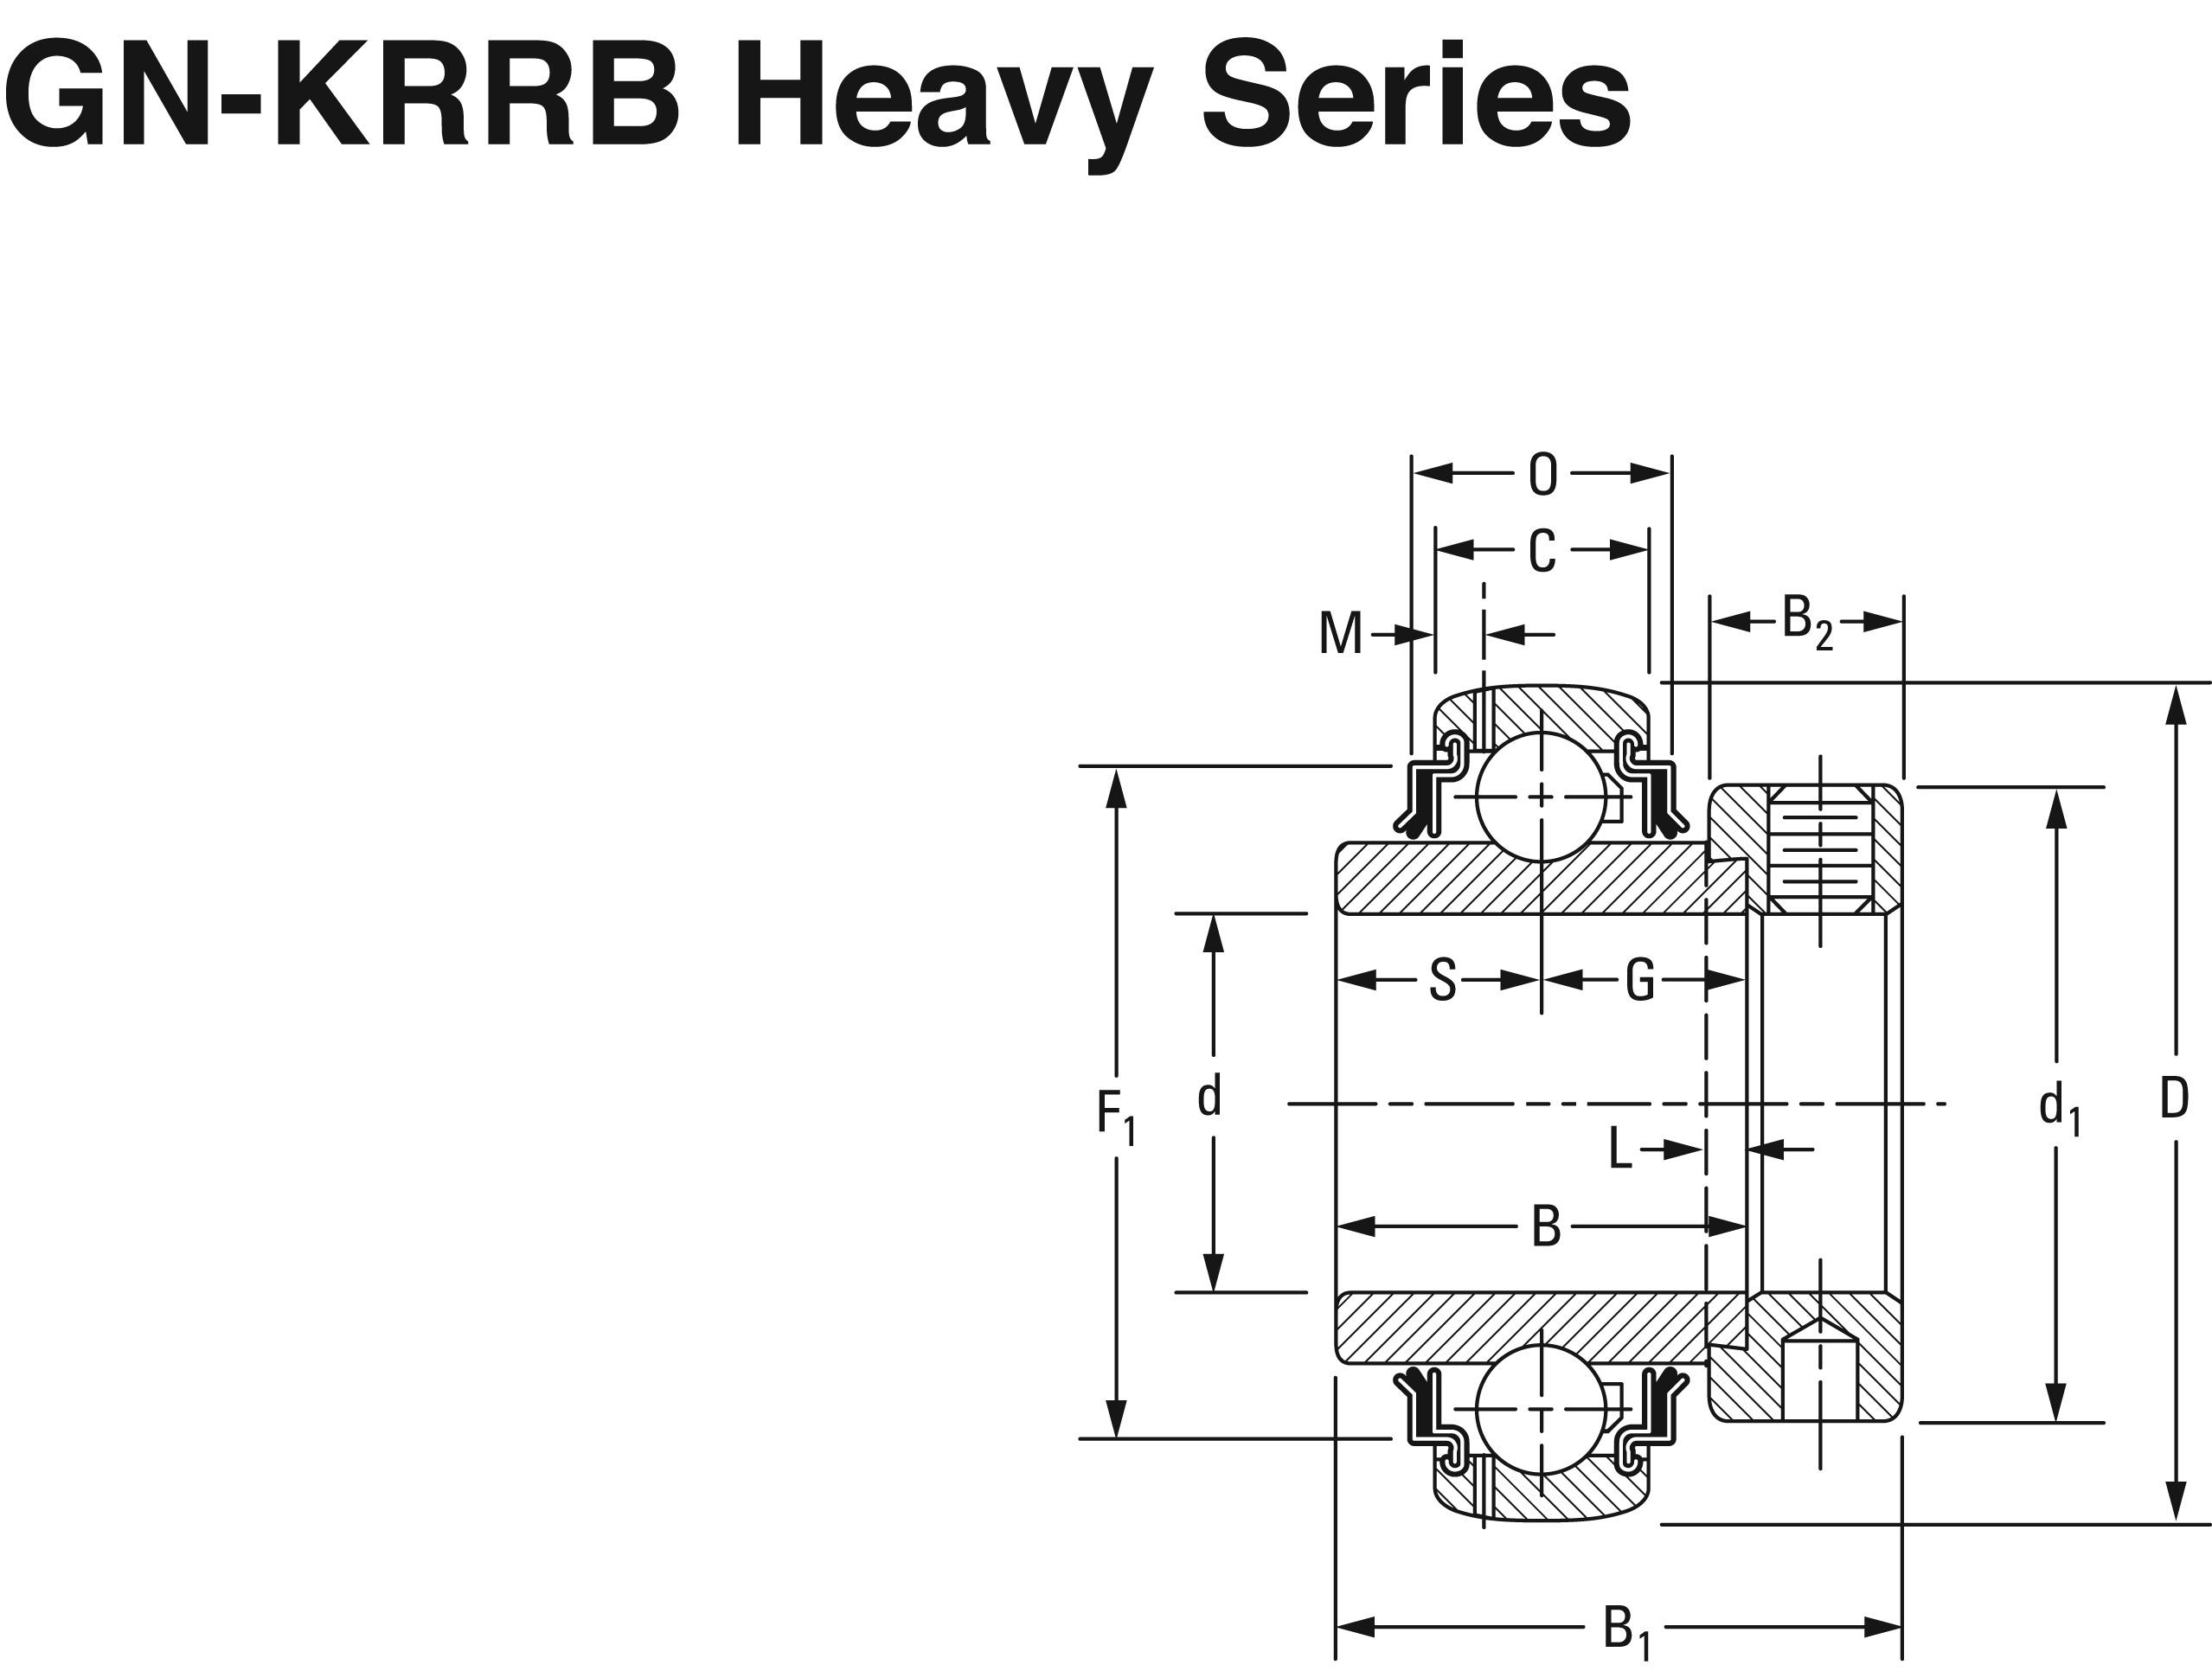 Timken Part Number GN108KRRB, Fafnir® Eccentric Locking